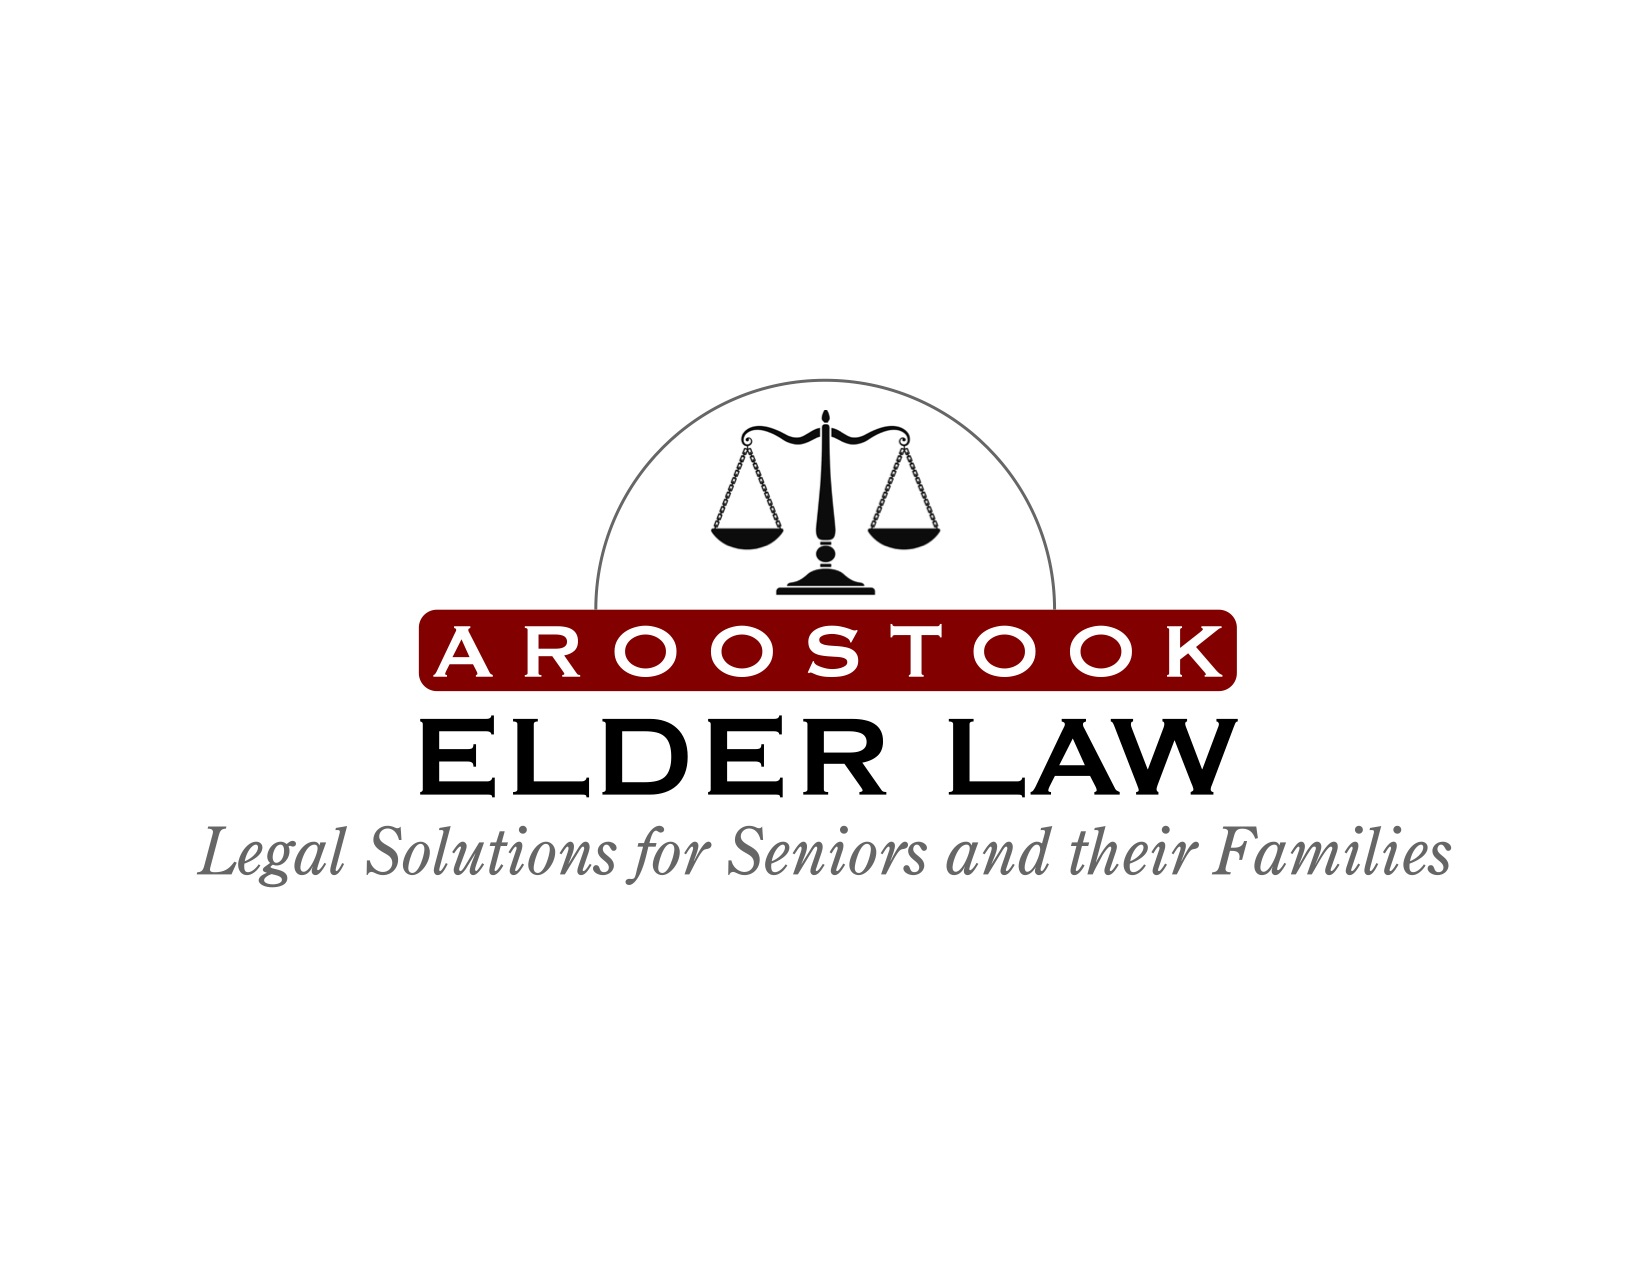 Aroostook Elder Law